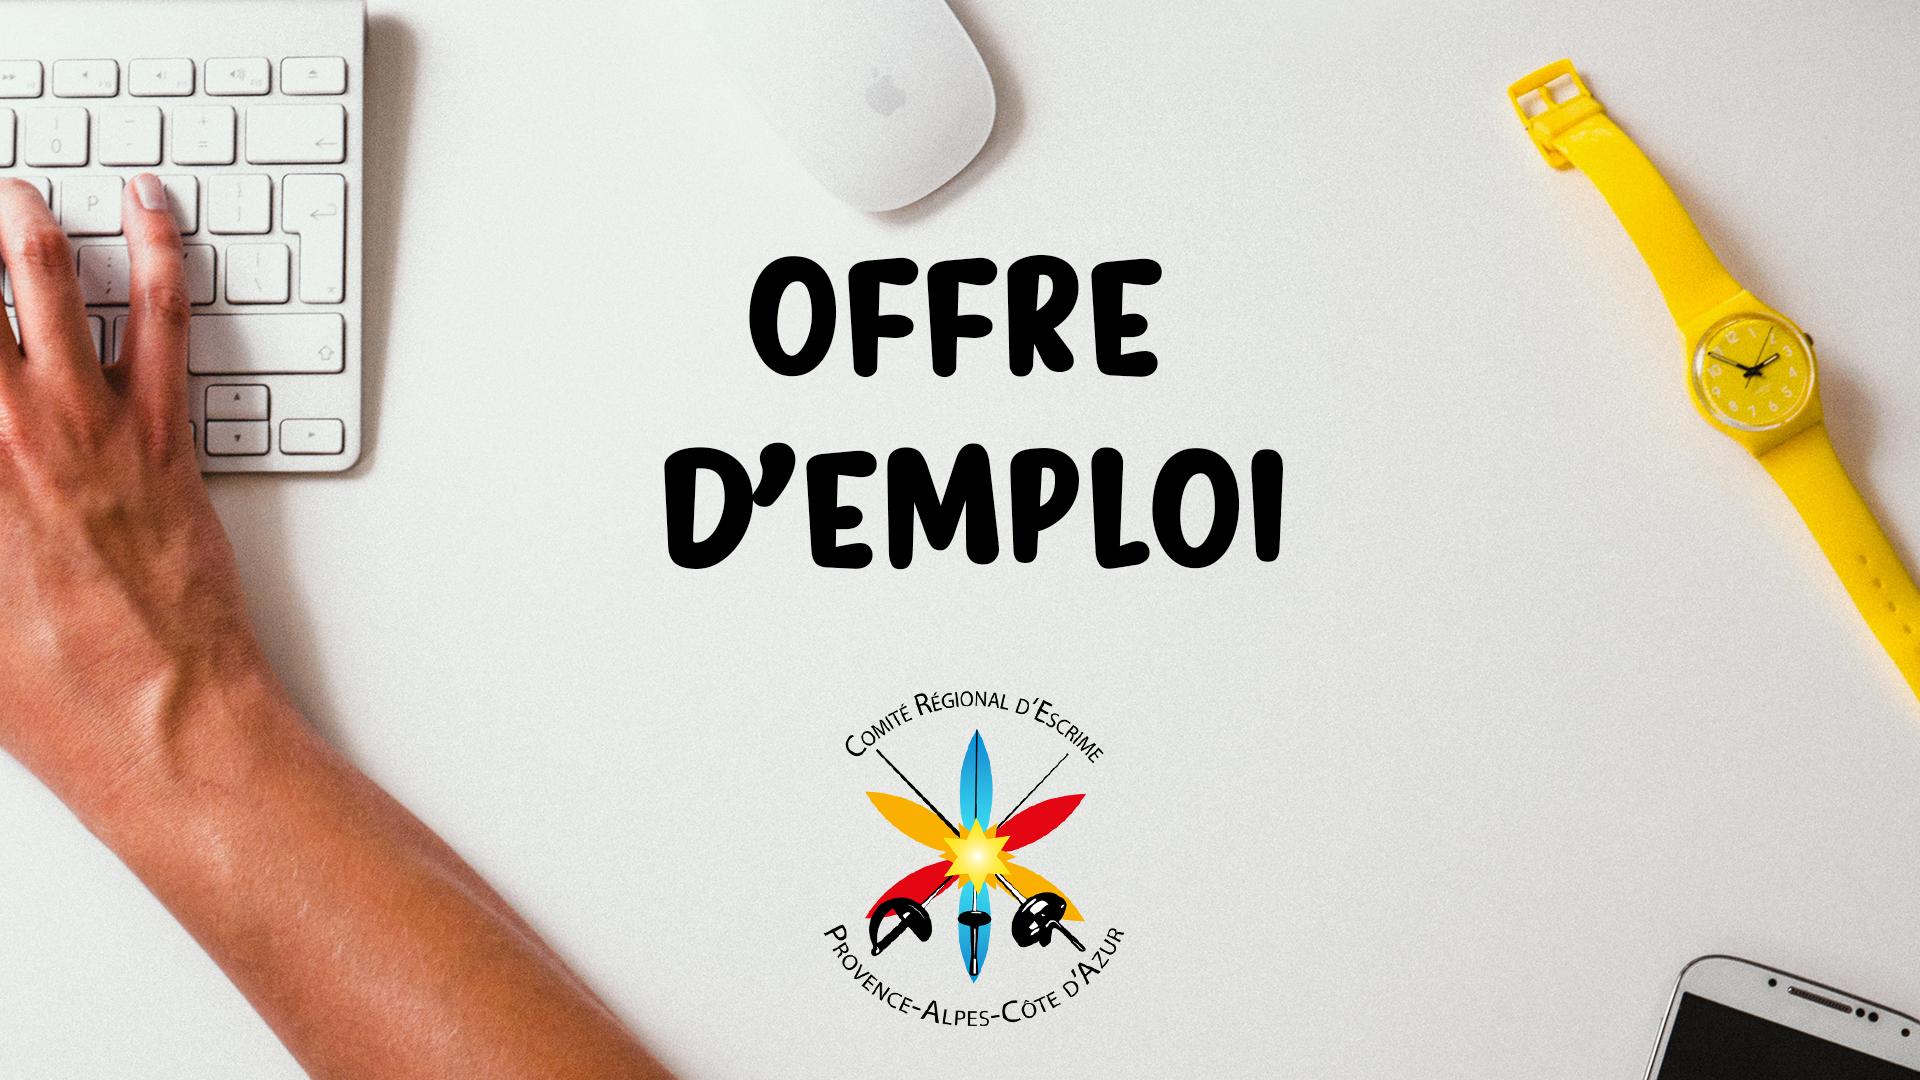 Offre d'emploi – Monteux (84)